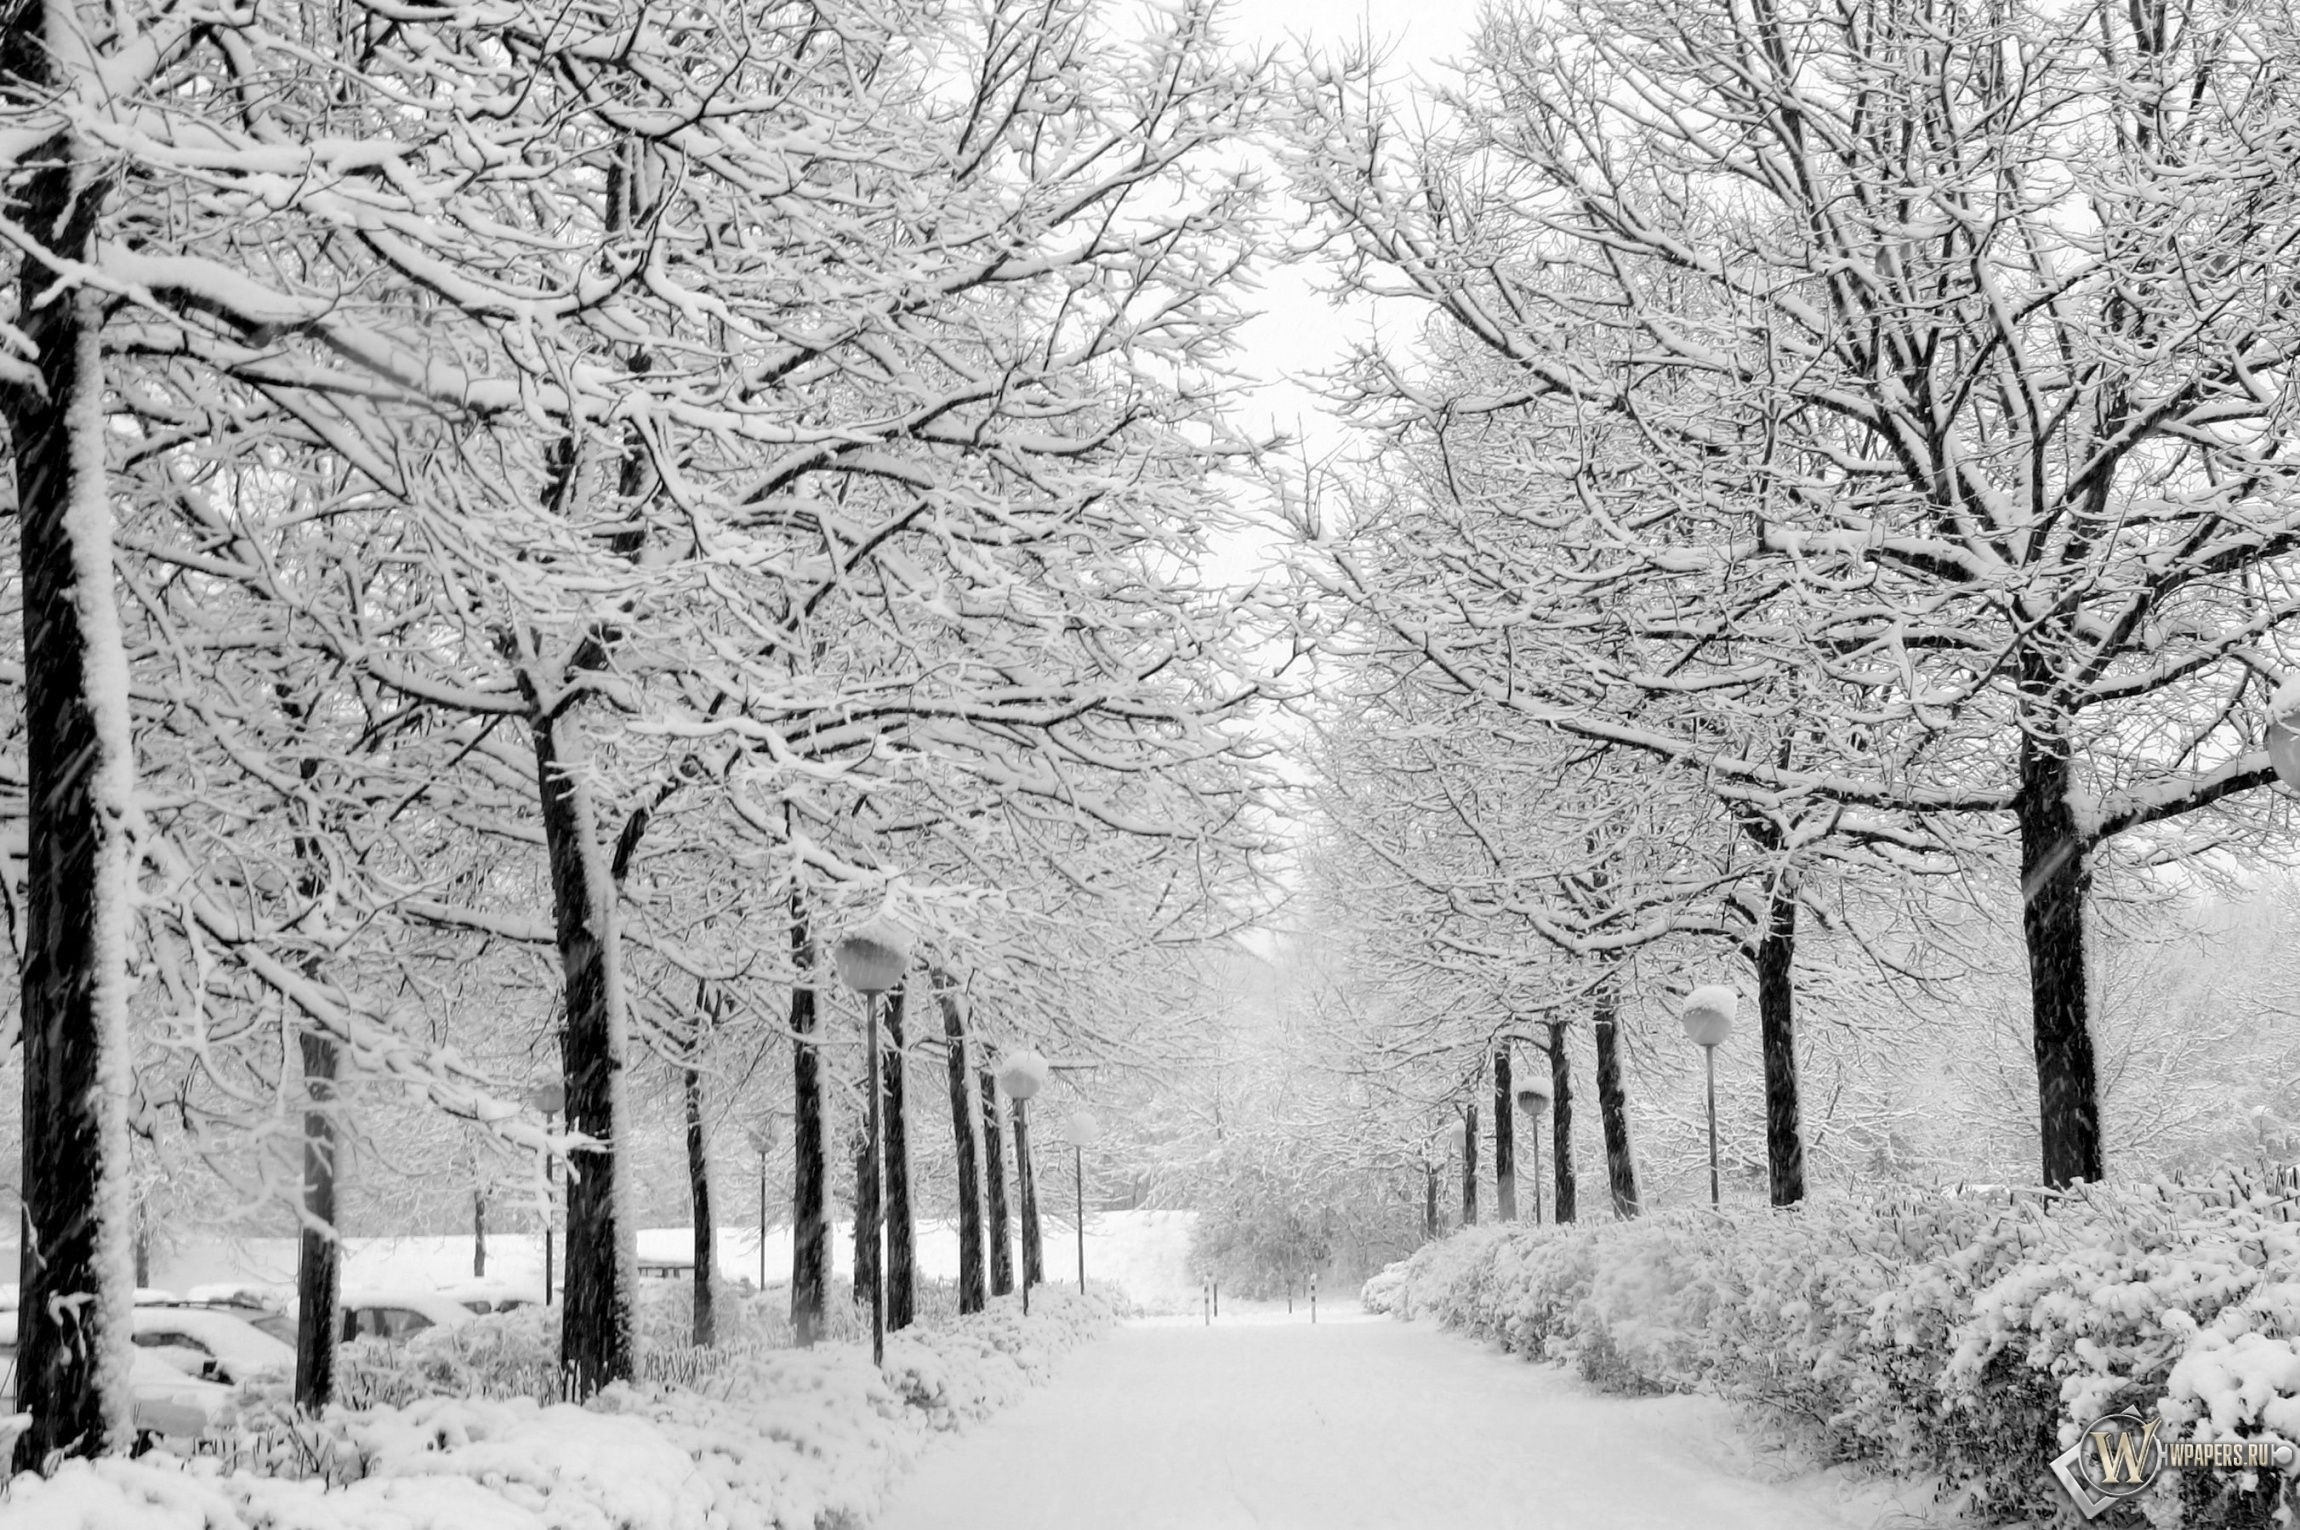 Снежная аллея 2300x1530